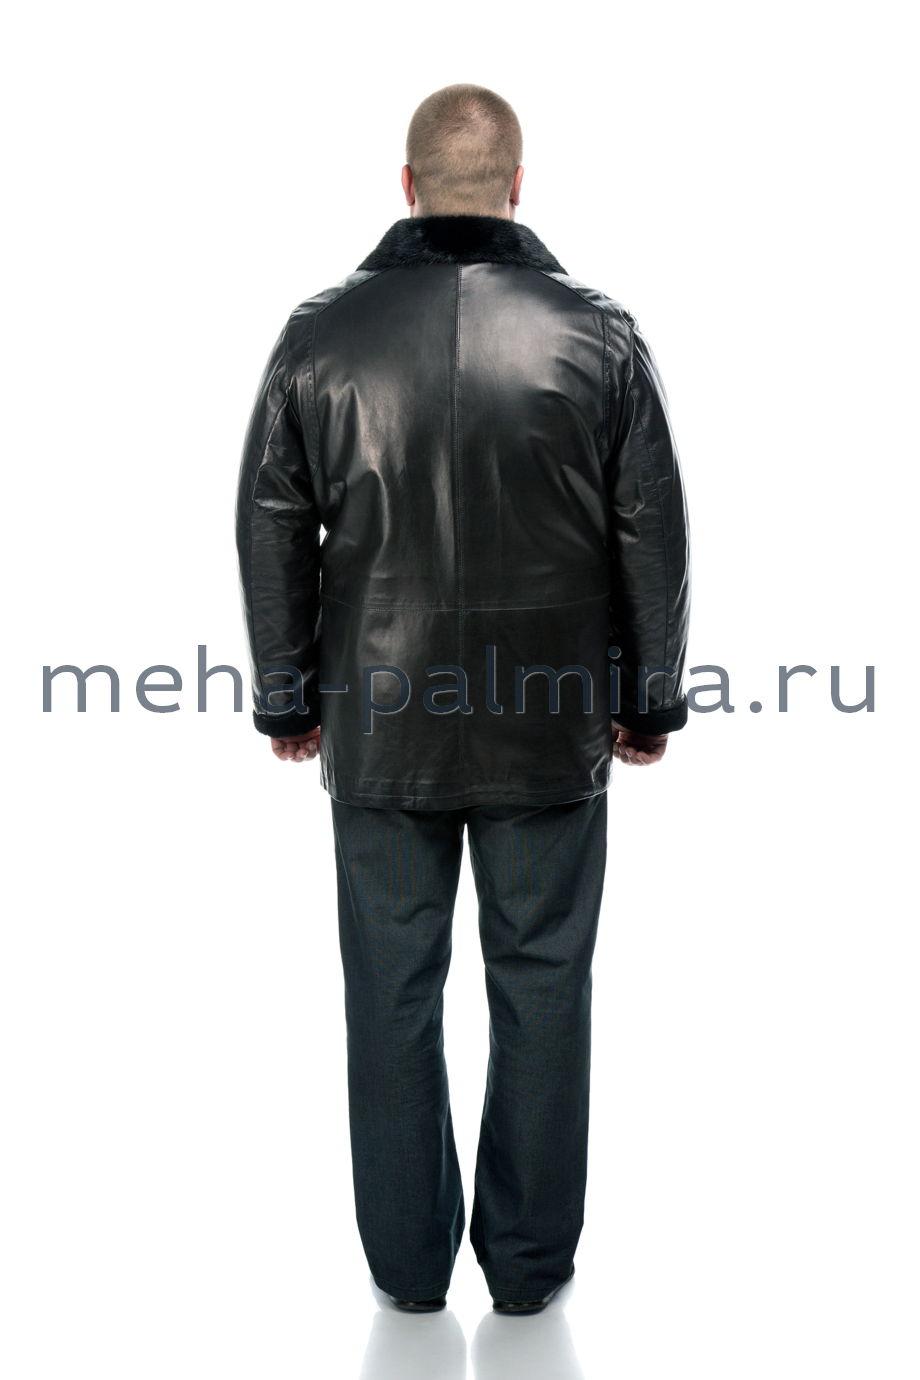 Распродажа Больших Размеров Мужской Одежды Доставка